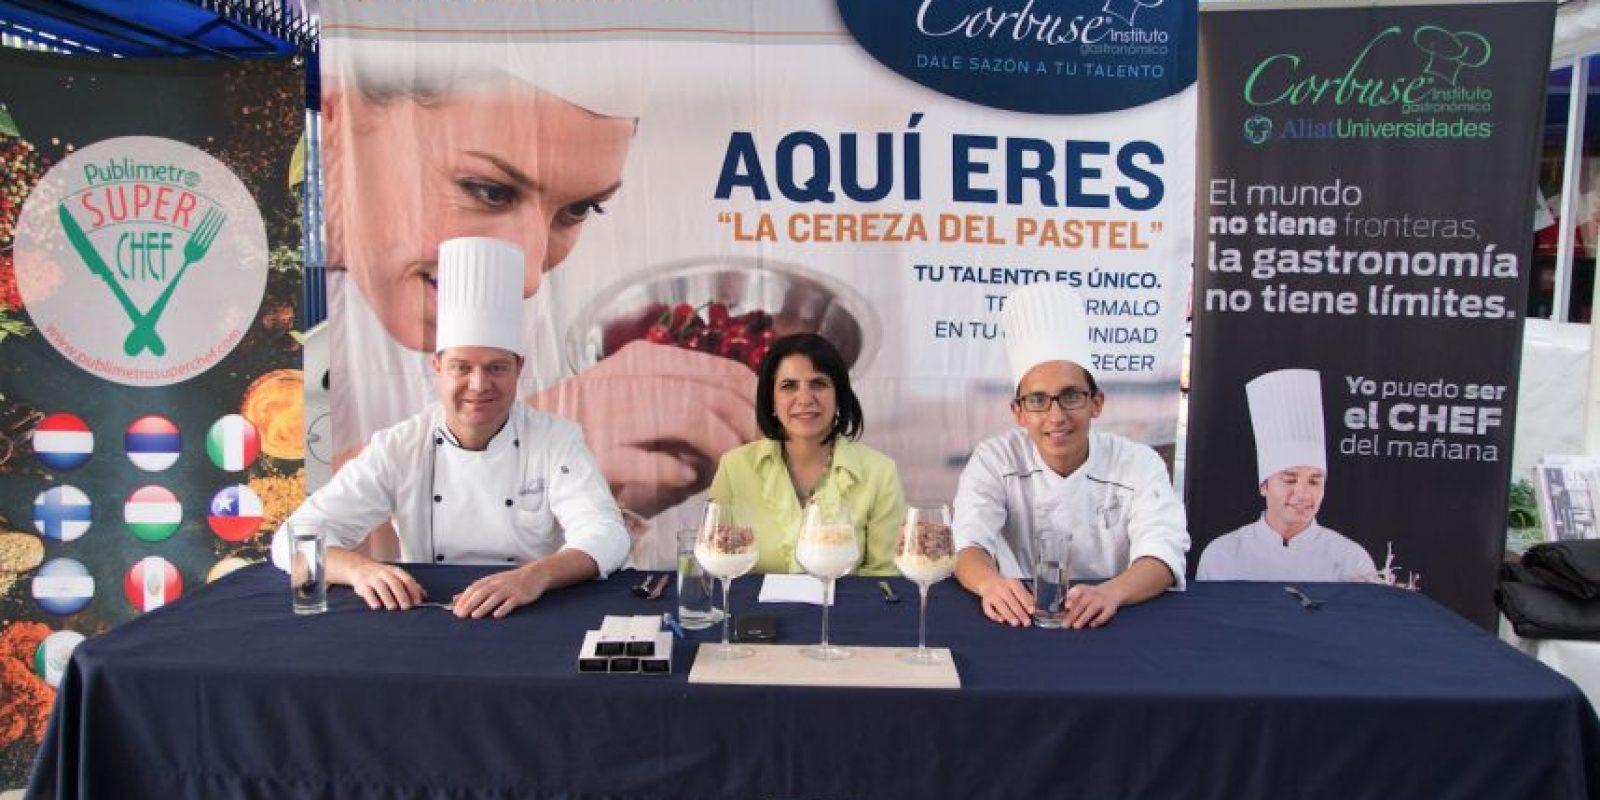 El jurado estuvo conformado por los directivos y académicos de Corbuse. Foto:Gregorio López / Publimetro